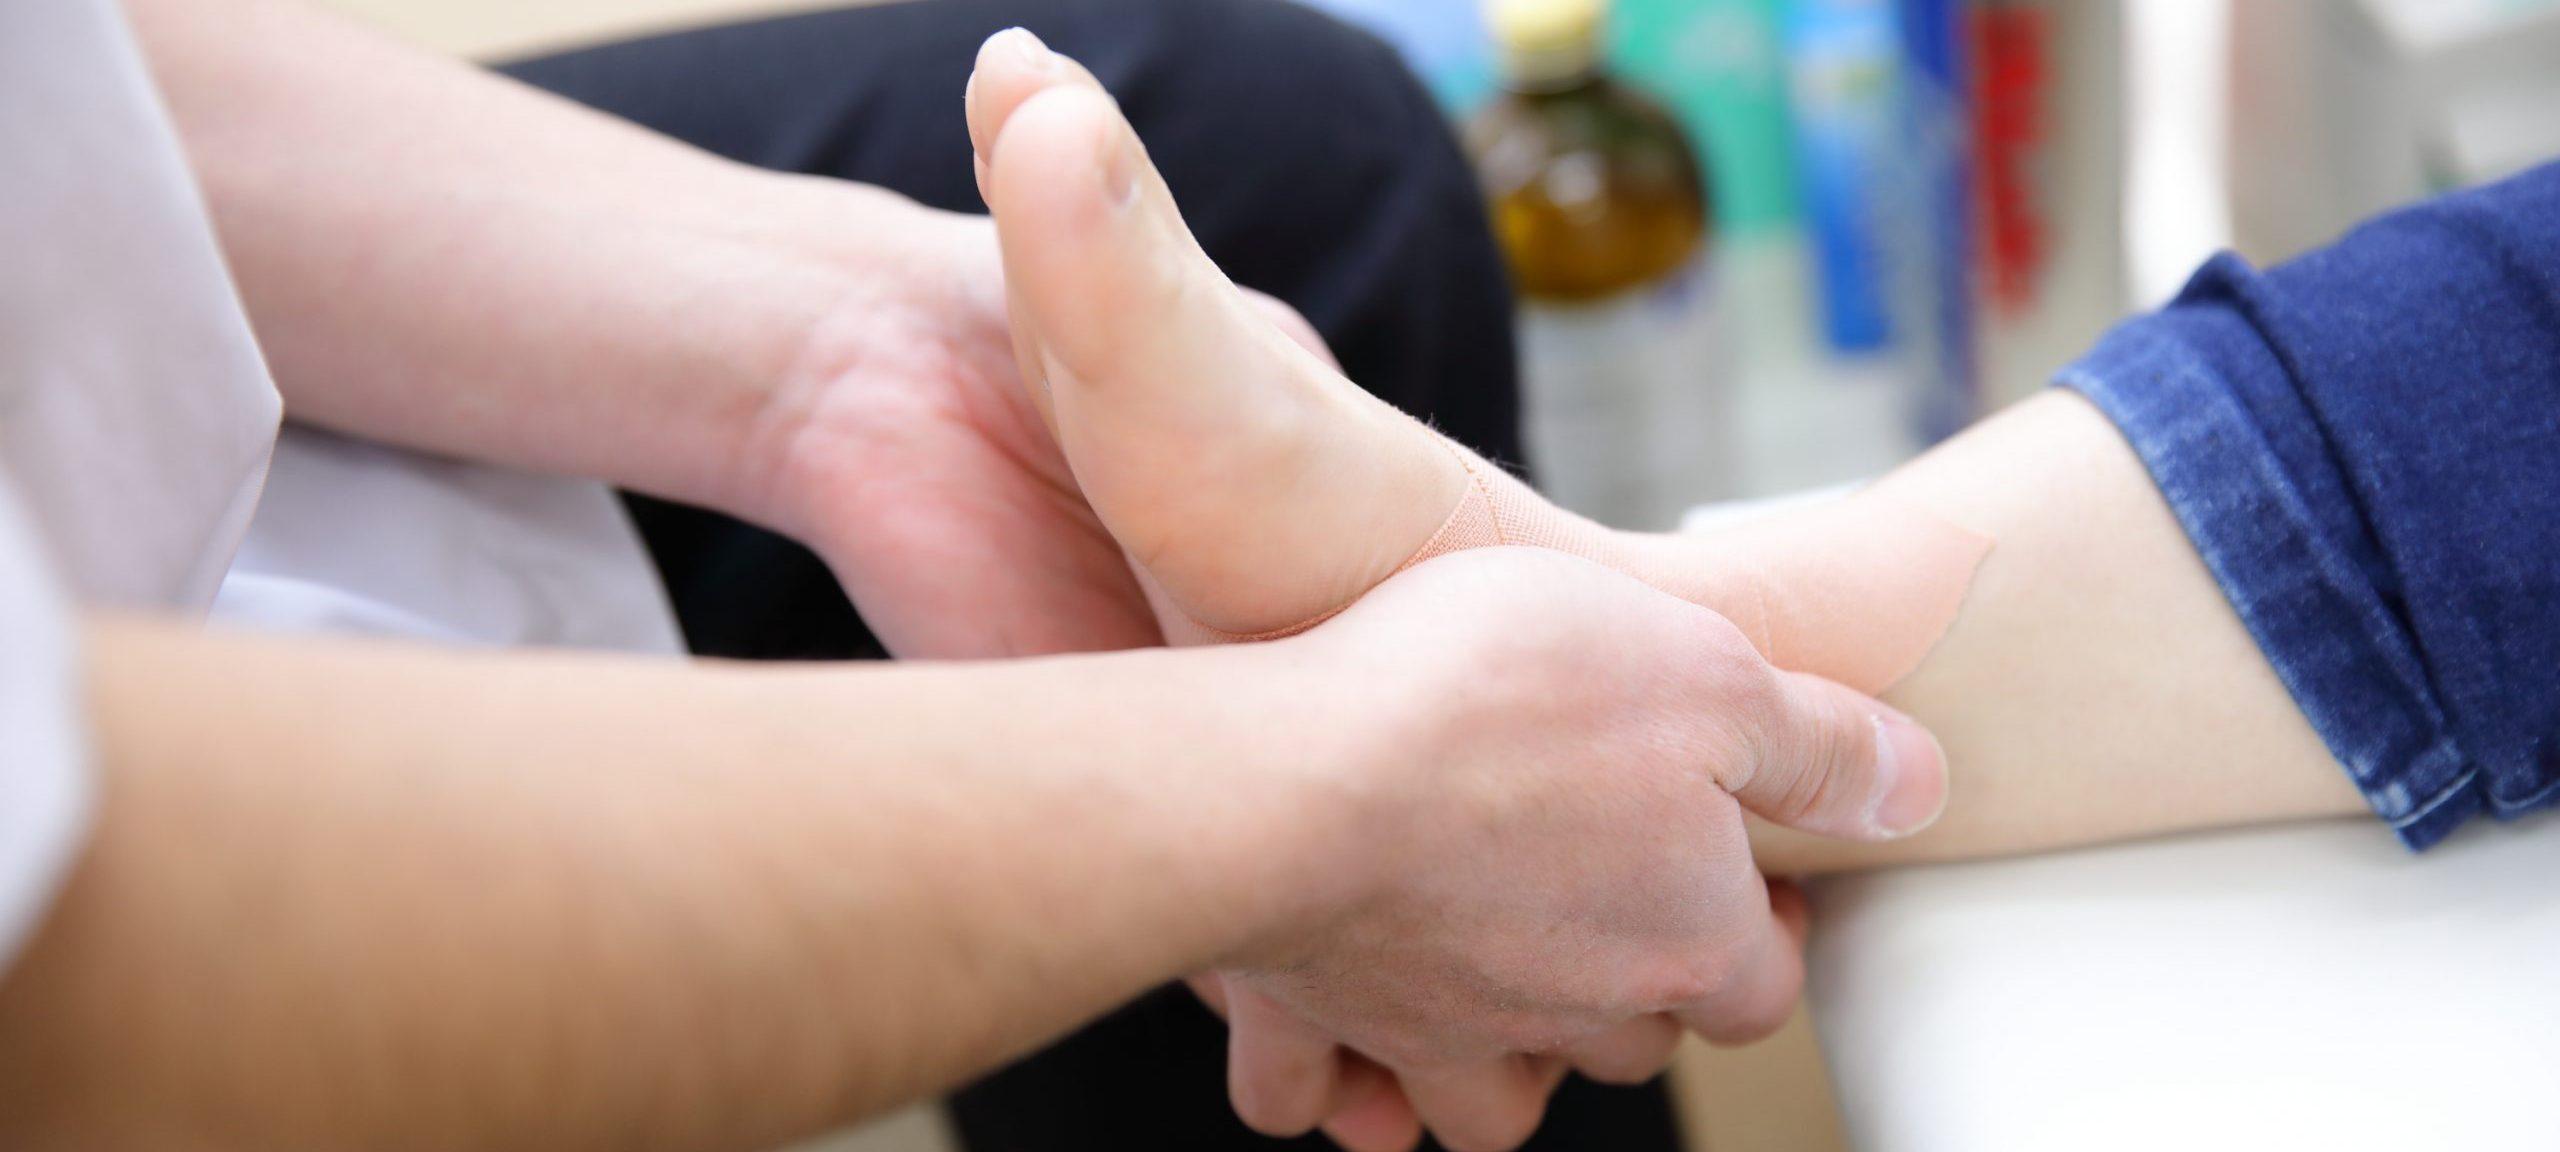 ケガの治療|戸田市まつなが接骨院